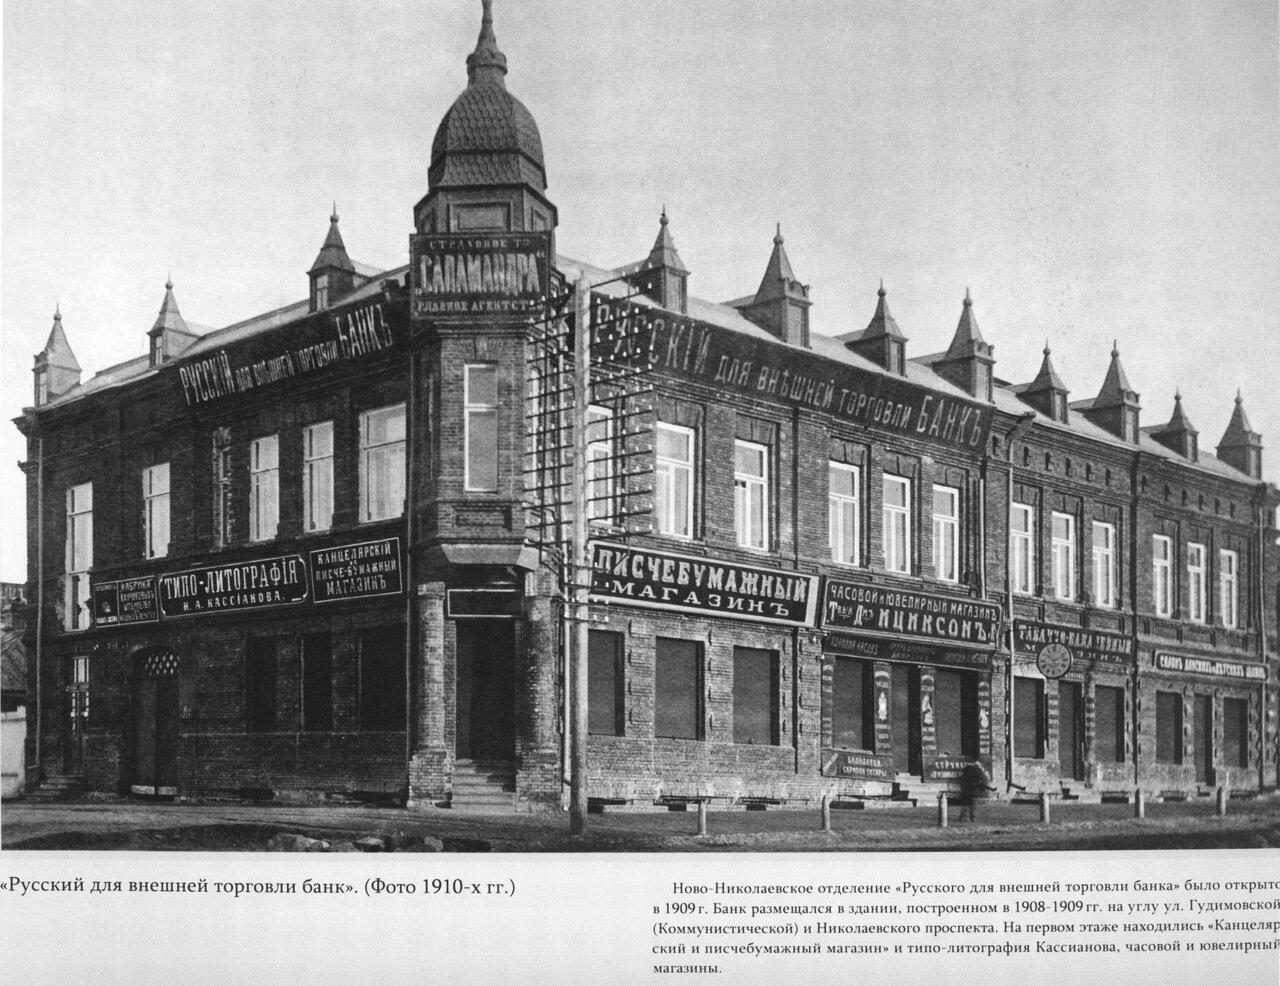 Русский для внешней торговли банк, 1910-е годы